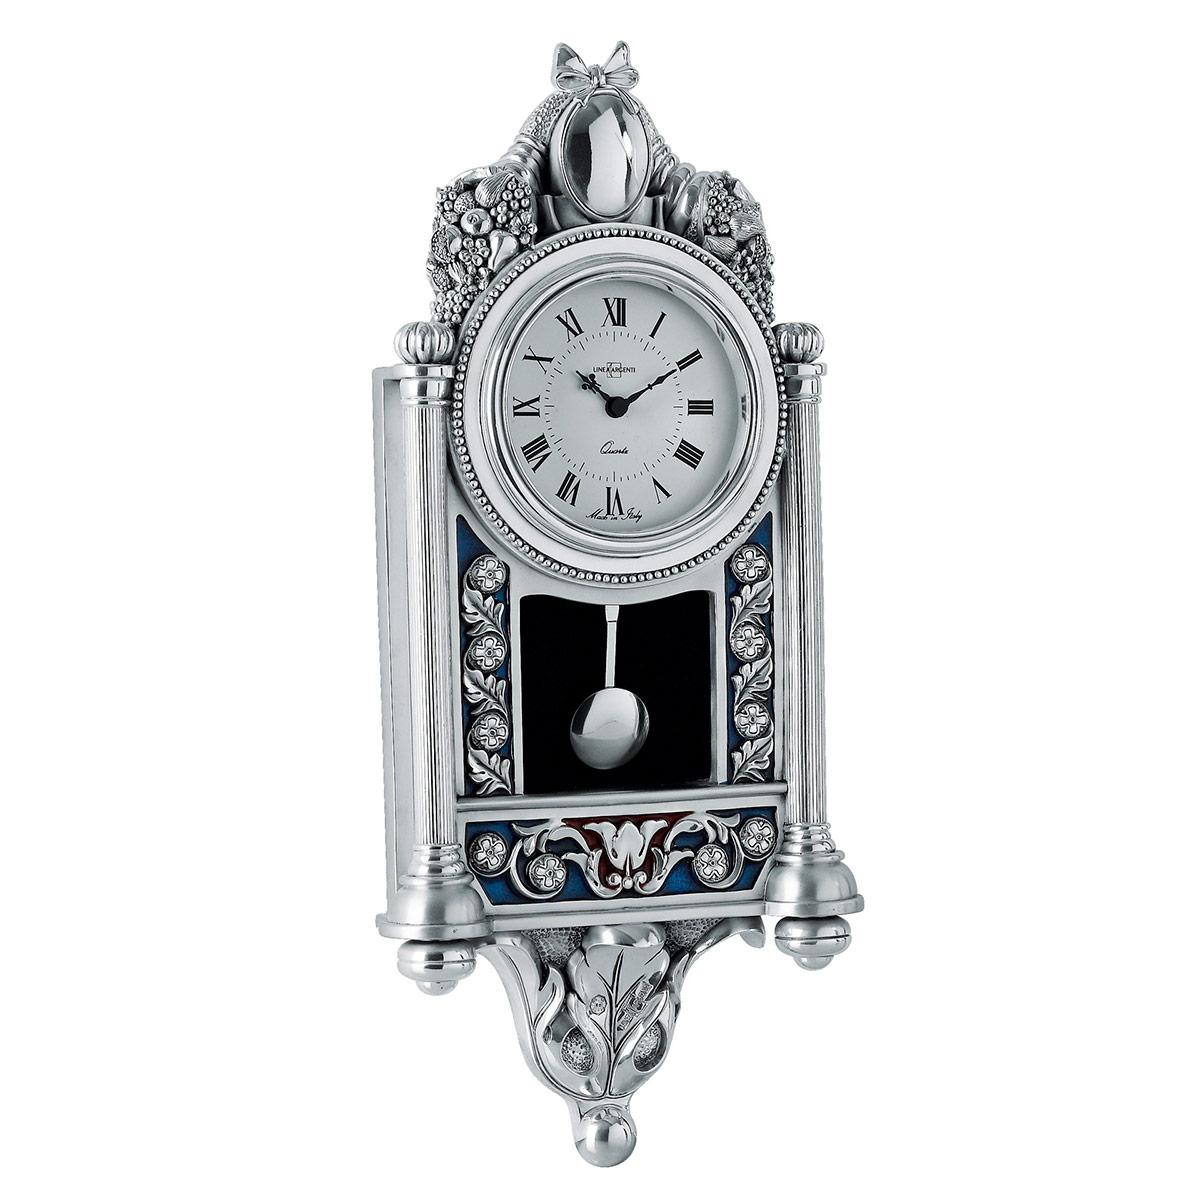 Orologi particolari da parete cheap orologio a muro for Orologi particolari da parete